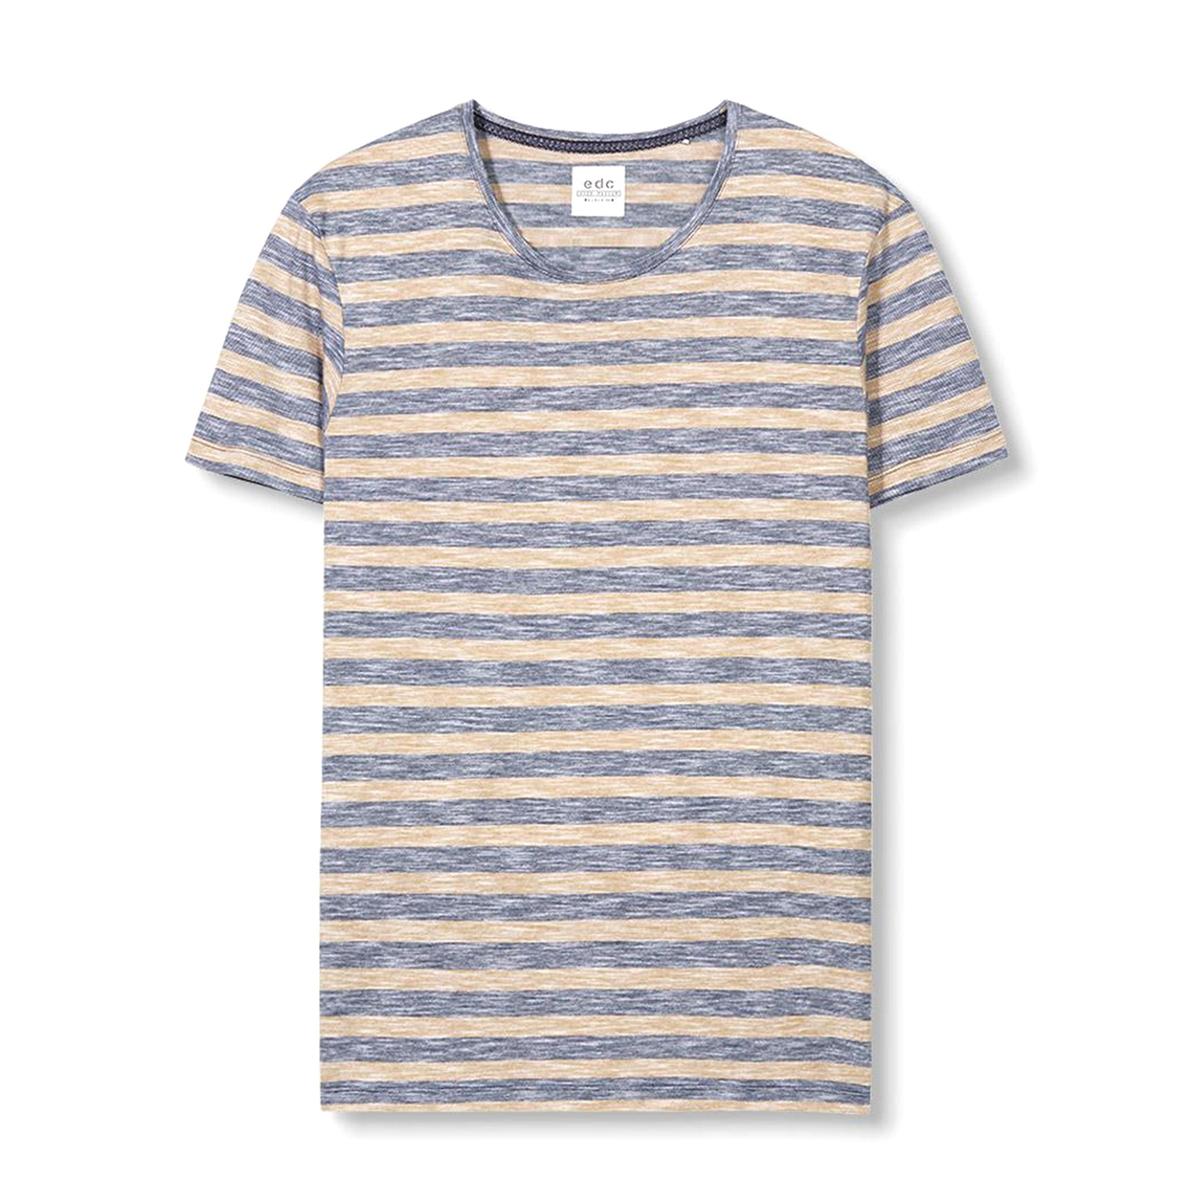 Футболка с меланжевым эффектом в полоску футболка esprit hc3703fc